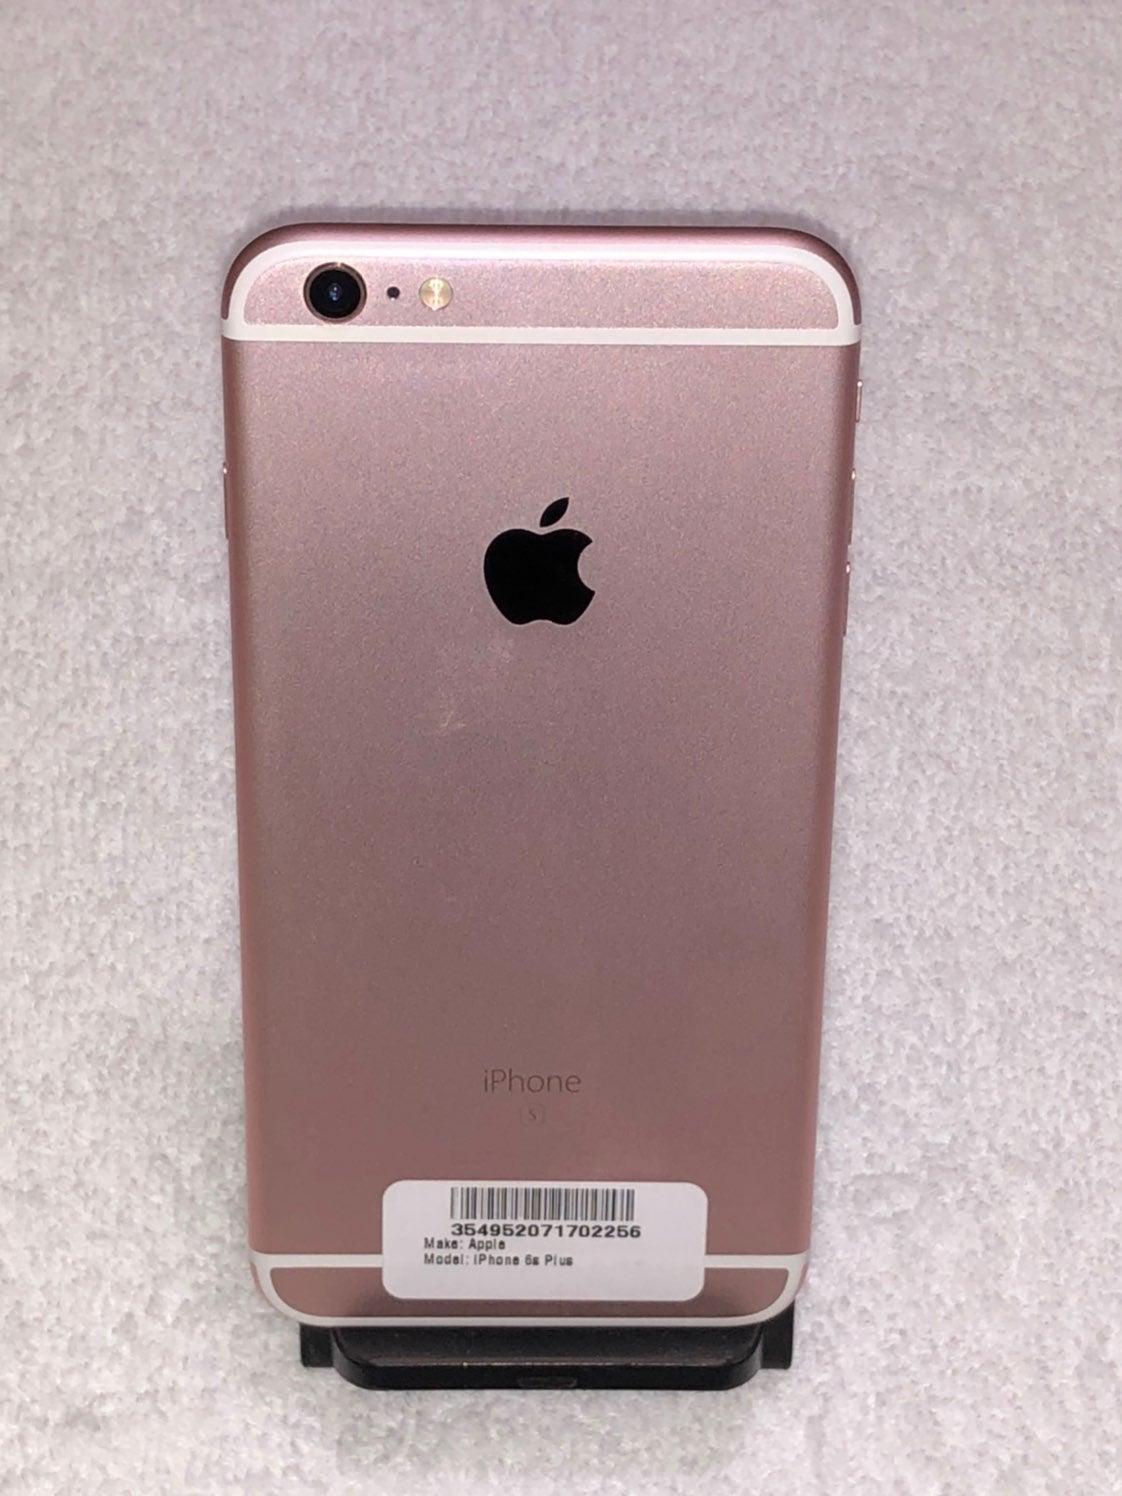 iPhone 6S Plus Rose Gold 128 GB Unlocked